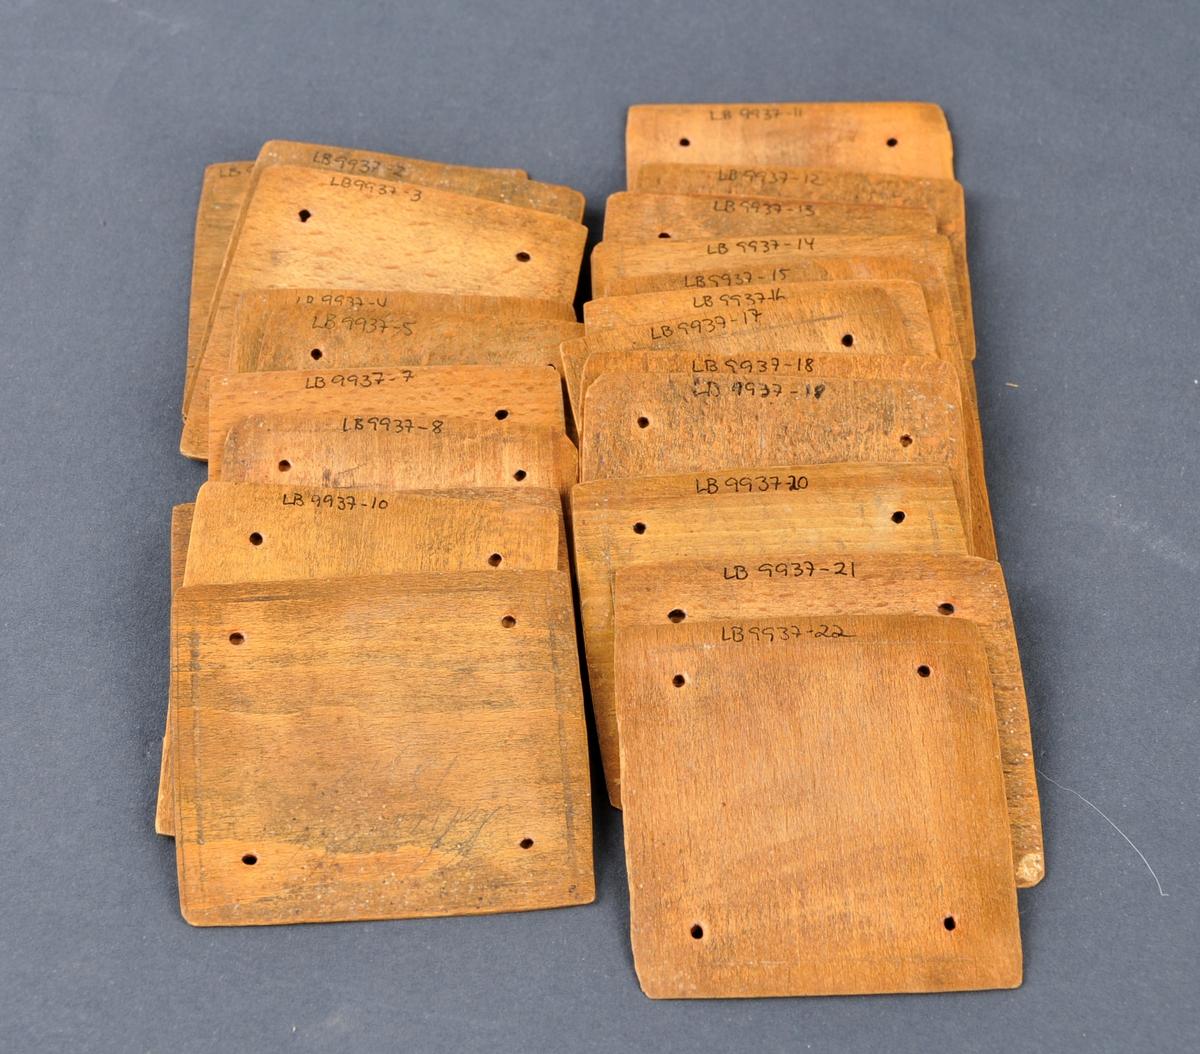 24 brikker til brikkevev. Tekst og årstal på den eine brikka, årstal på to andre, namnet Halvor og årstala 1861, 1862 og 1863.